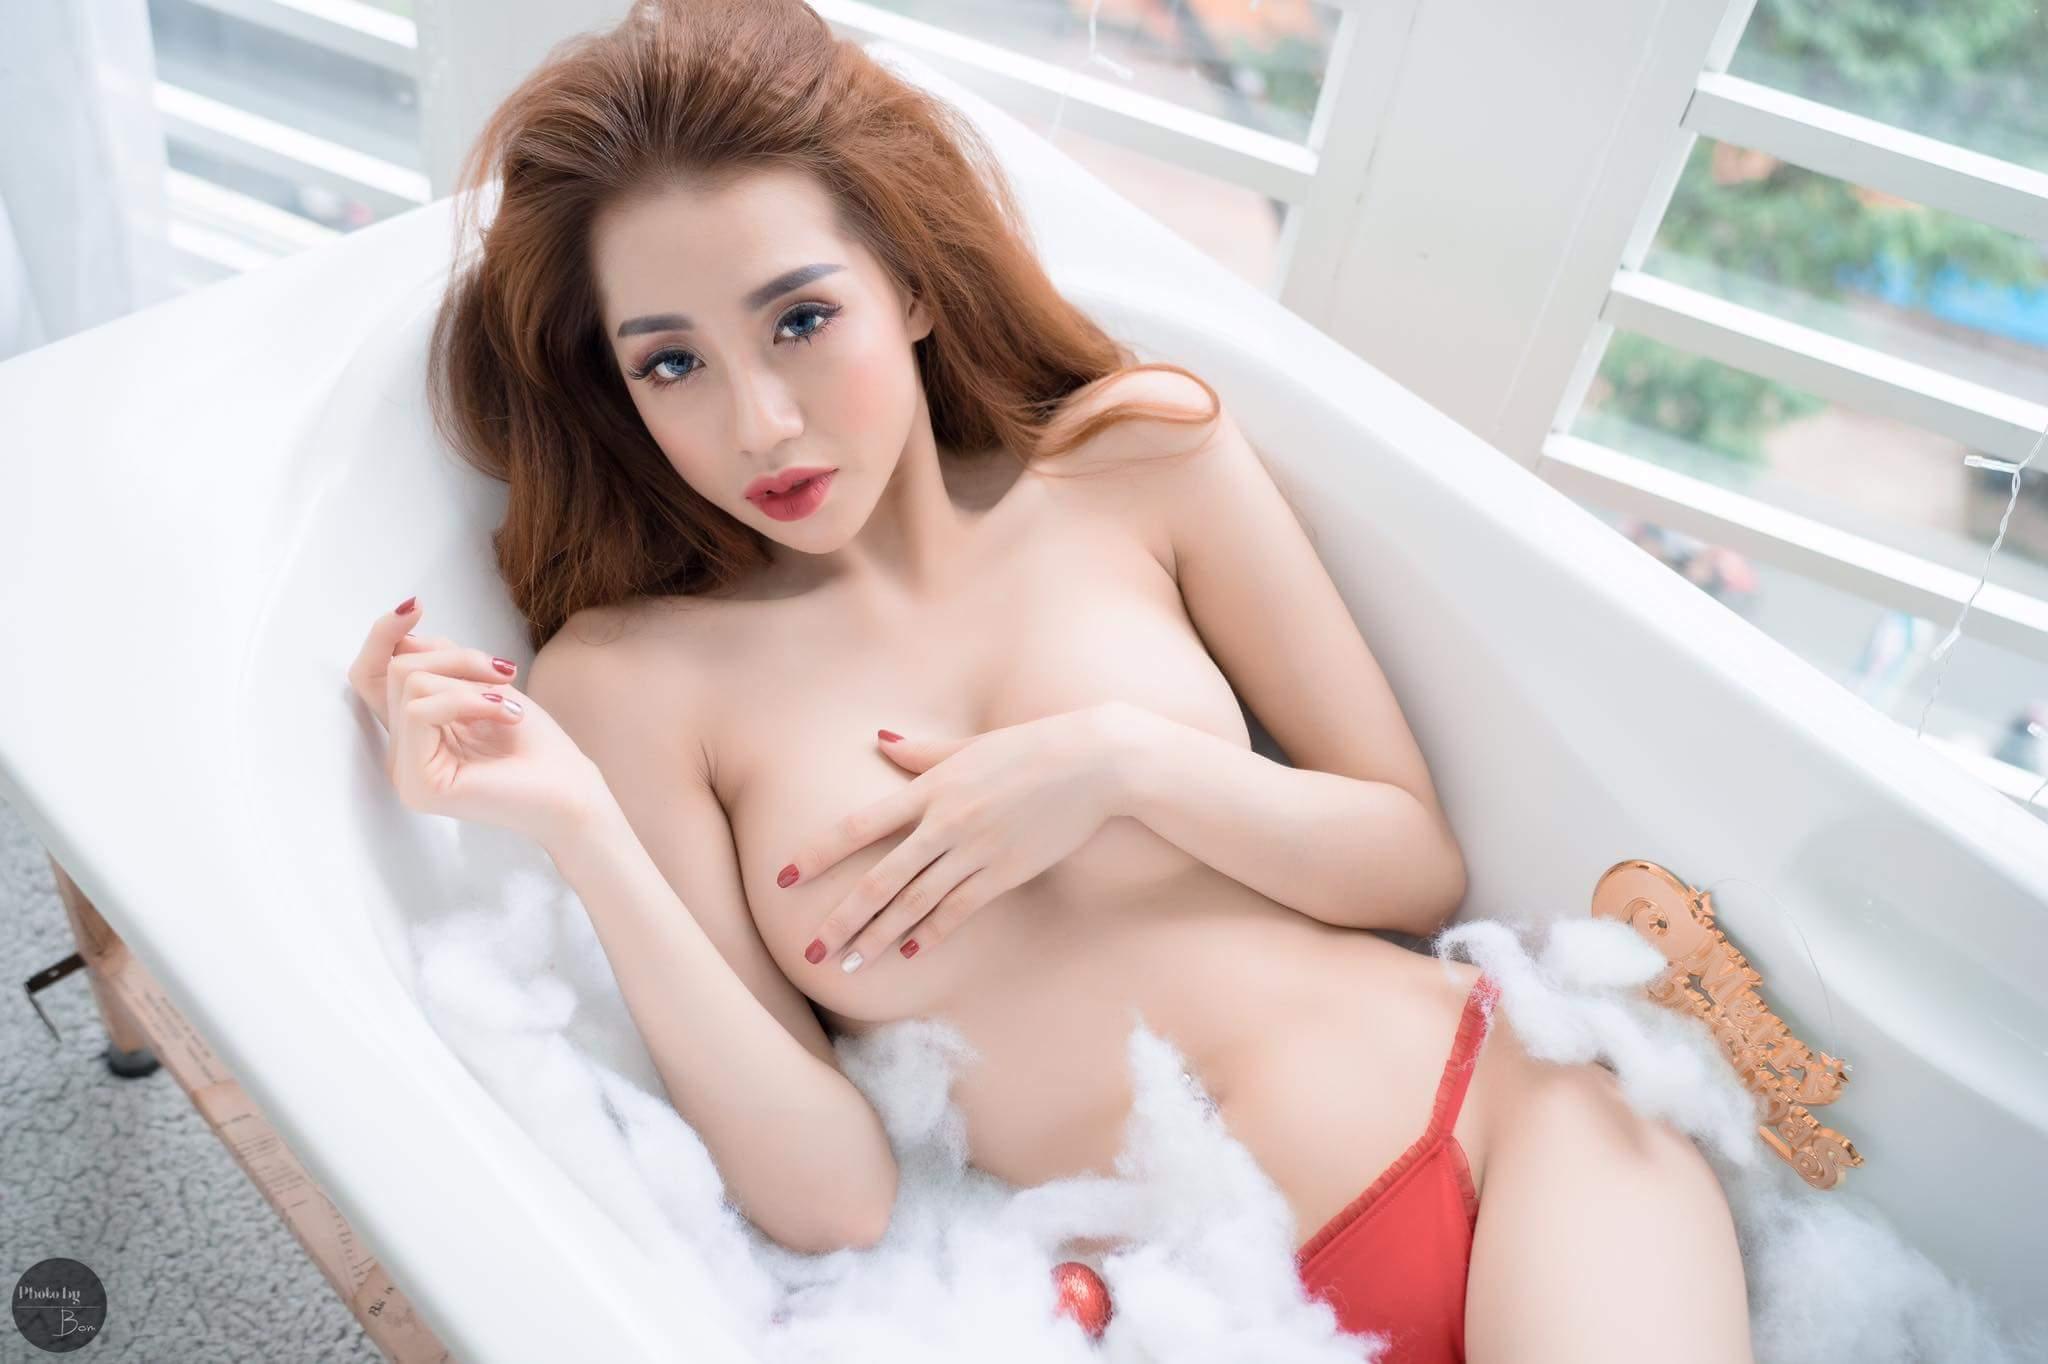 Nhi Tưng bikini Jingle Bells sexy photo Huỳnh Hưng Phát